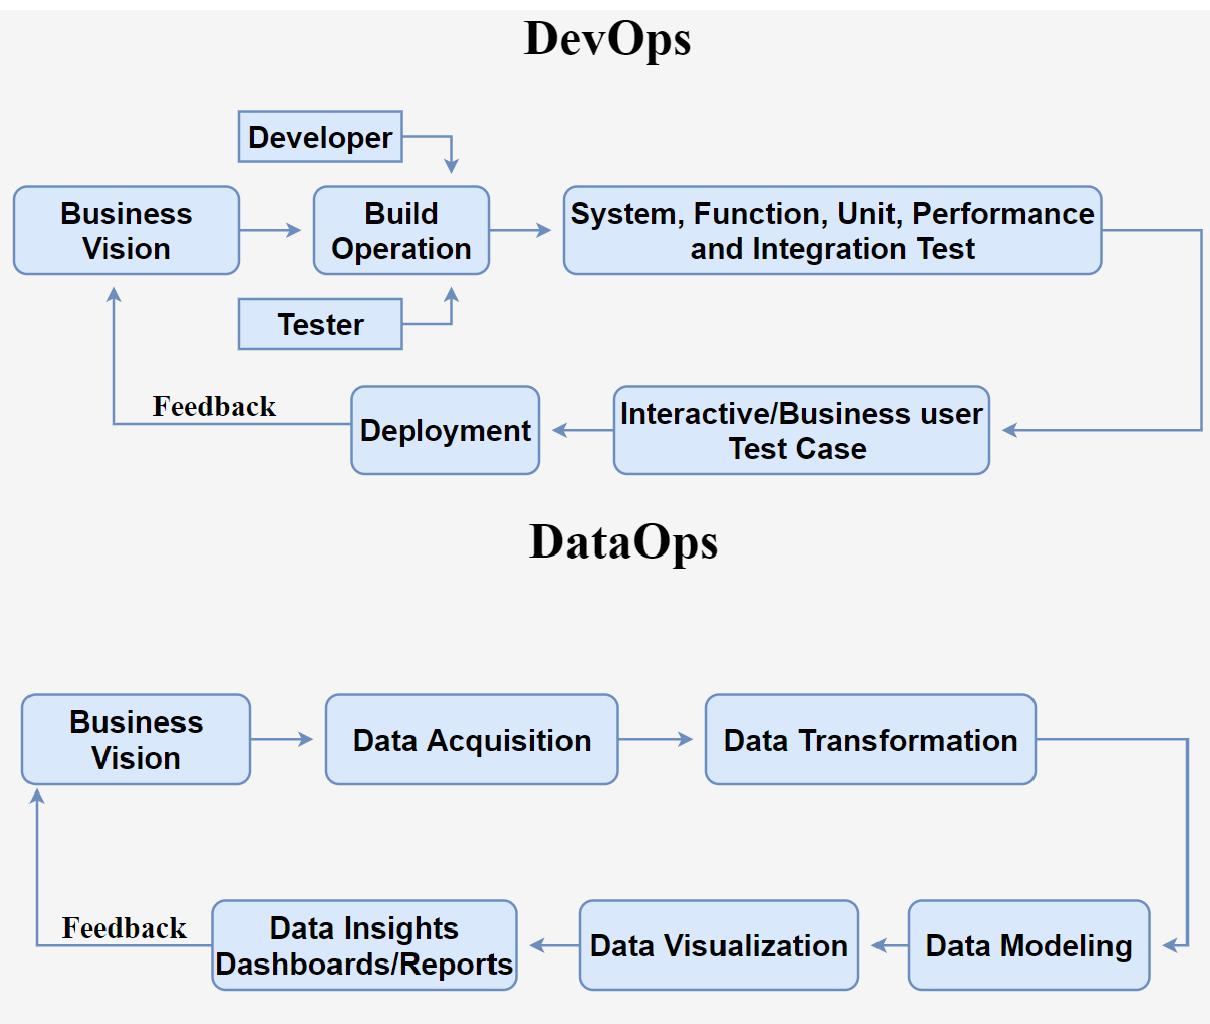 DevOps vs DataOps flow chart